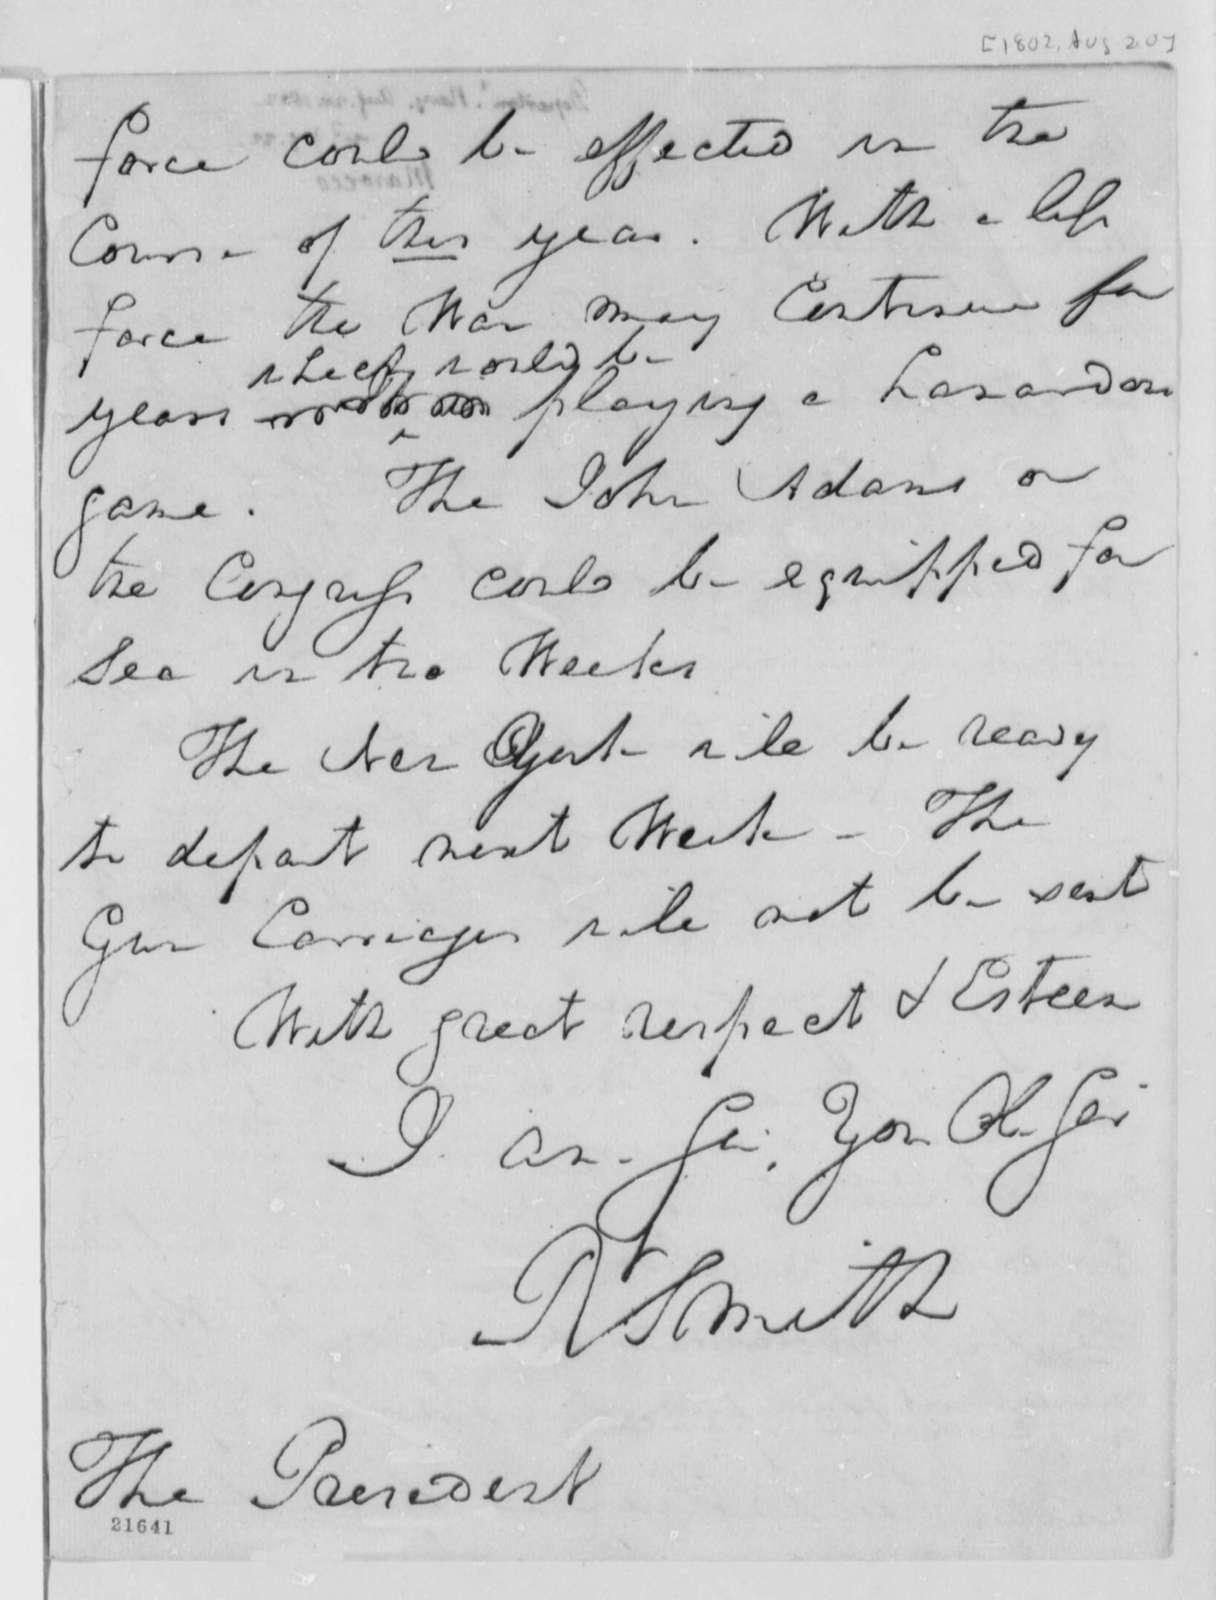 Robert Smith to Thomas Jefferson, August 20, 1802